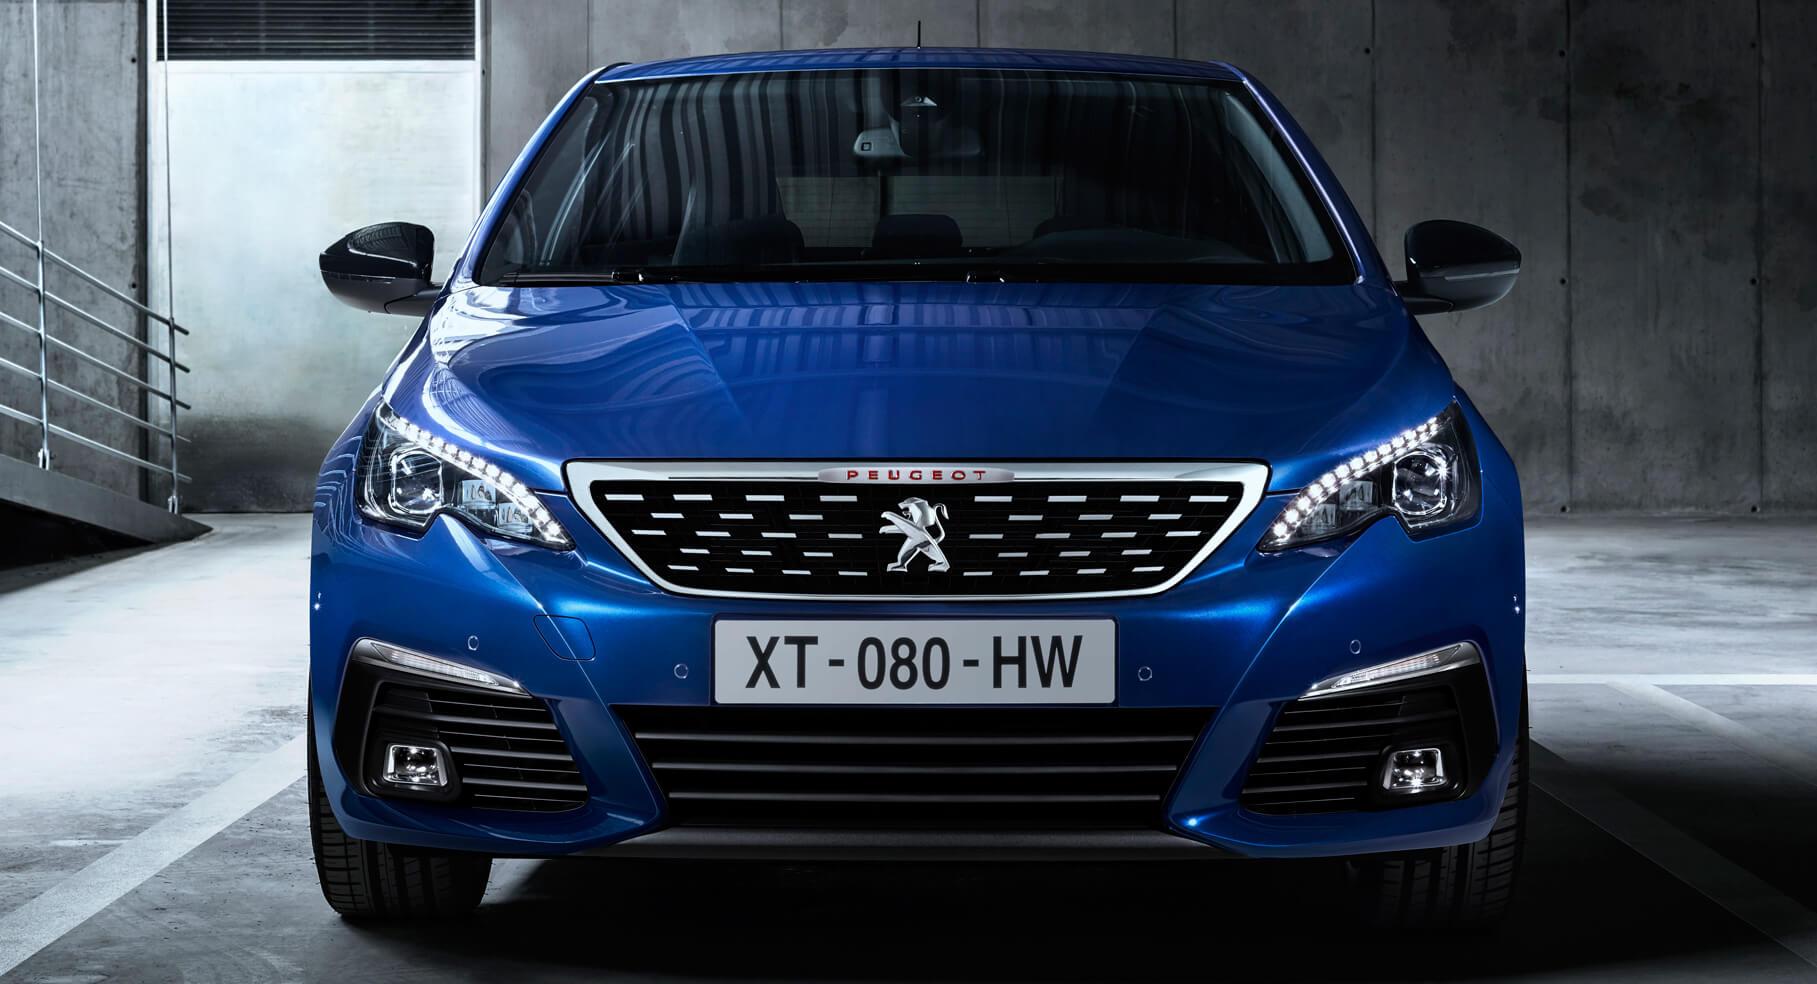 La nuova Peugeot 308 sarà la base della nuova Fiat Tipo?